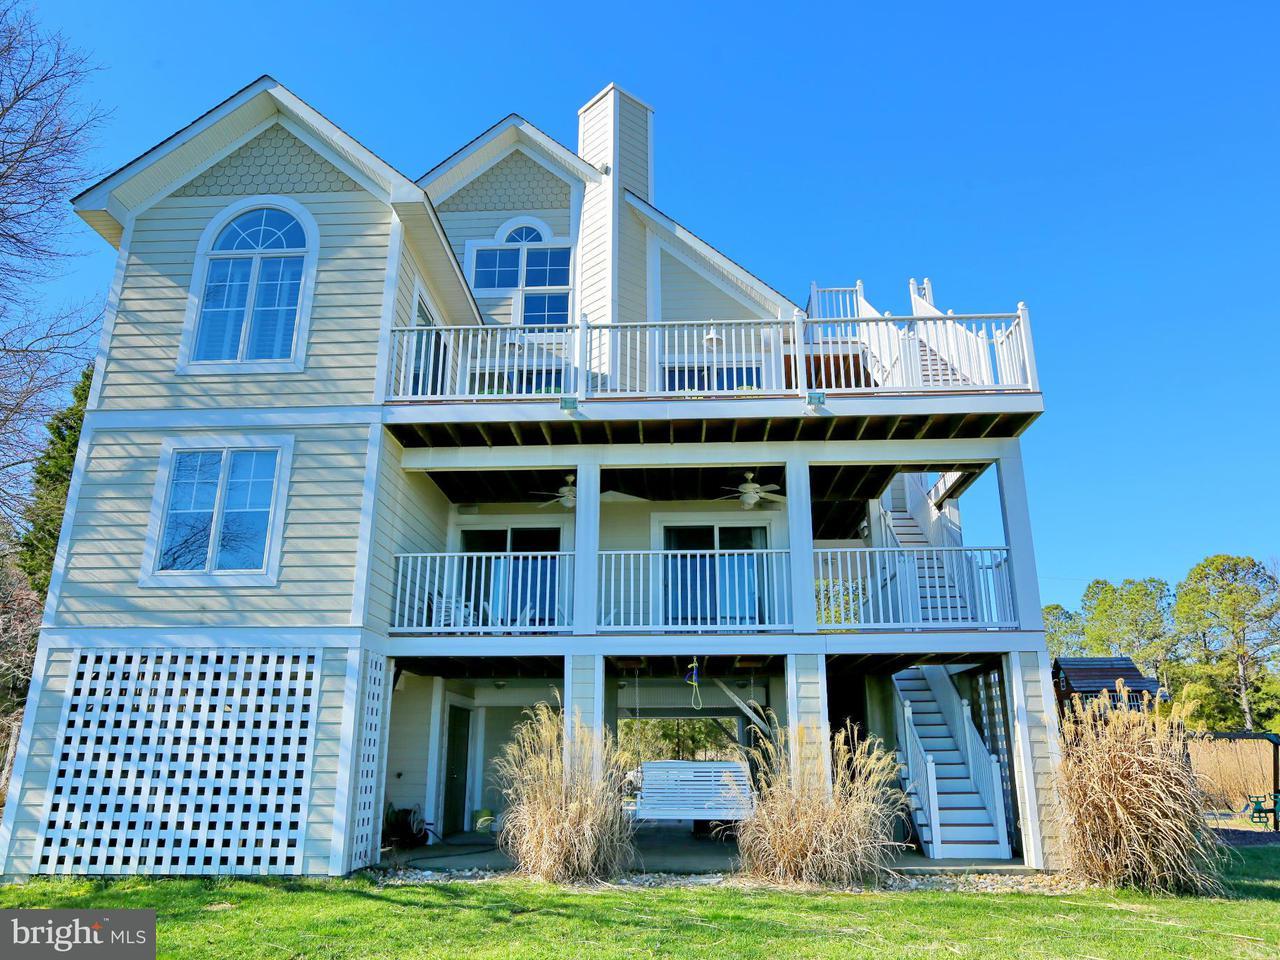 Частный односемейный дом для того Продажа на 14022 River Road 14022 River Road Newburg, Мэриленд 20664 Соединенные Штаты